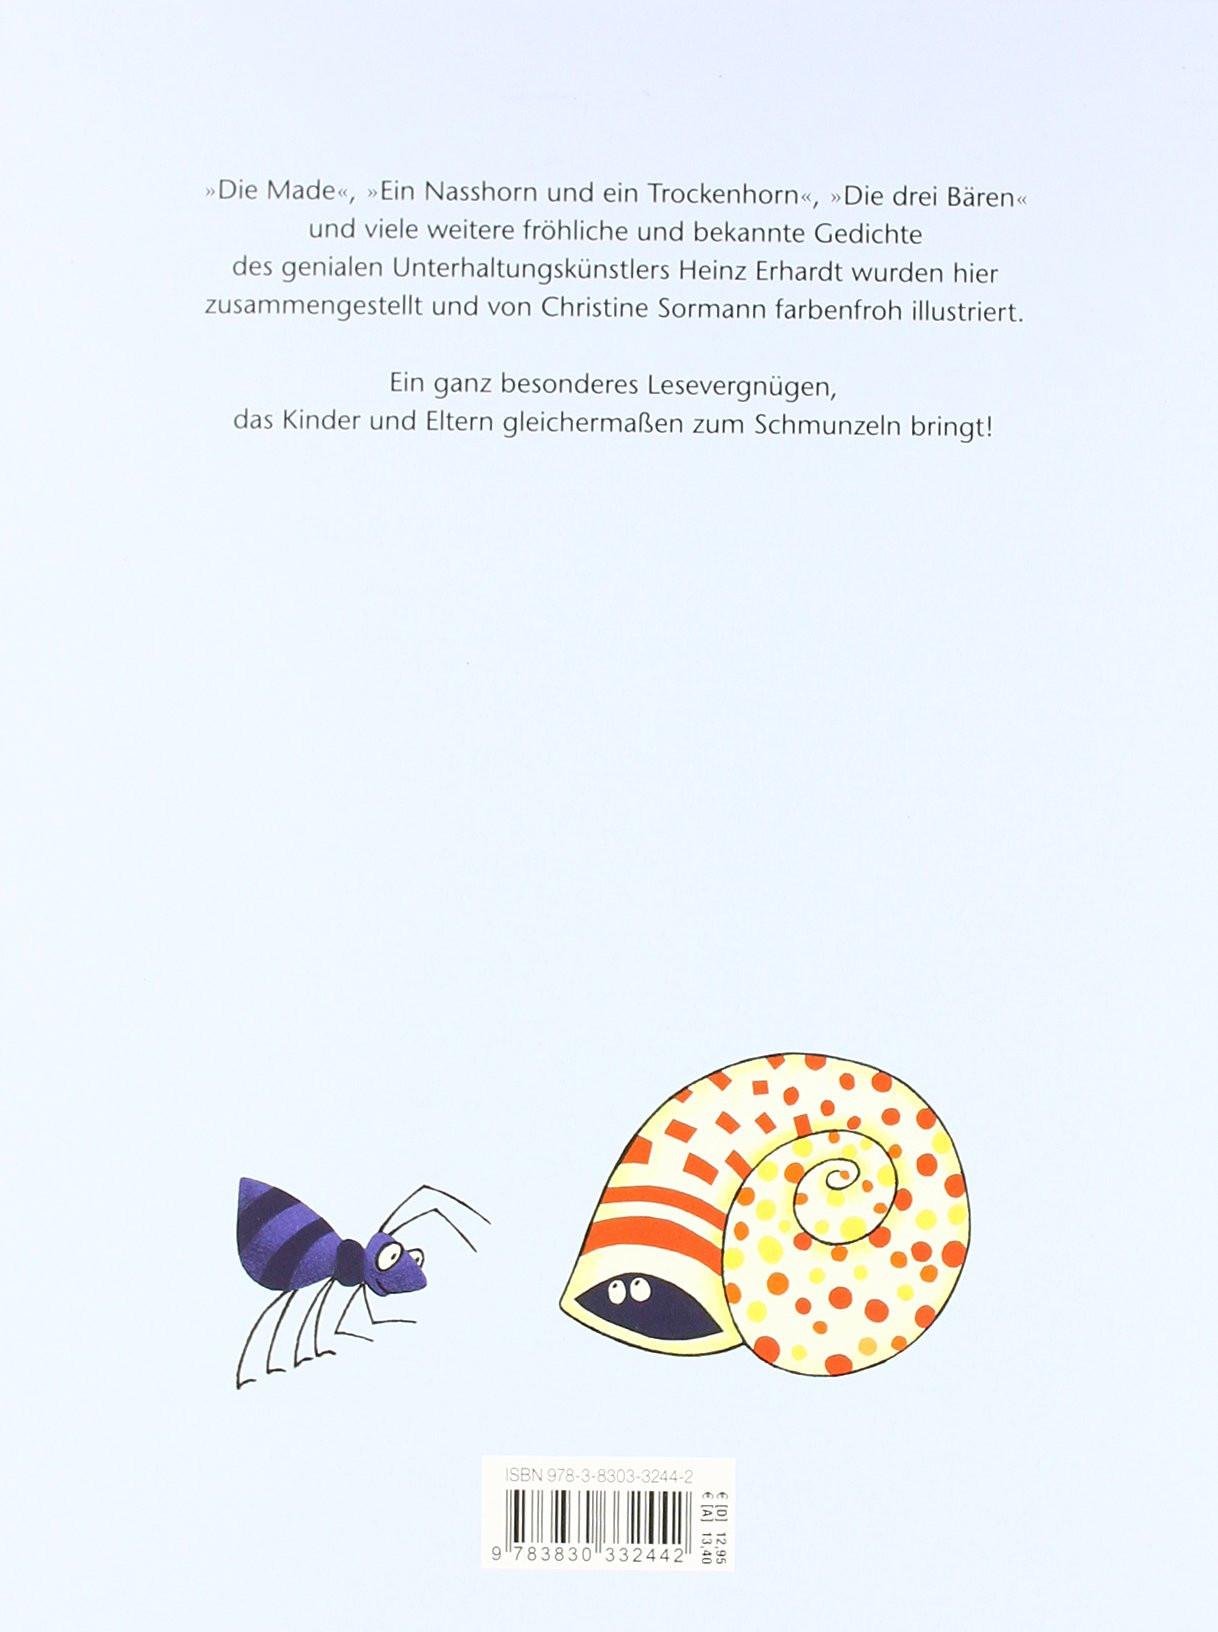 Heinz Erhardt Hochzeit  Heinz Erhardt Gedicht Hochzeit